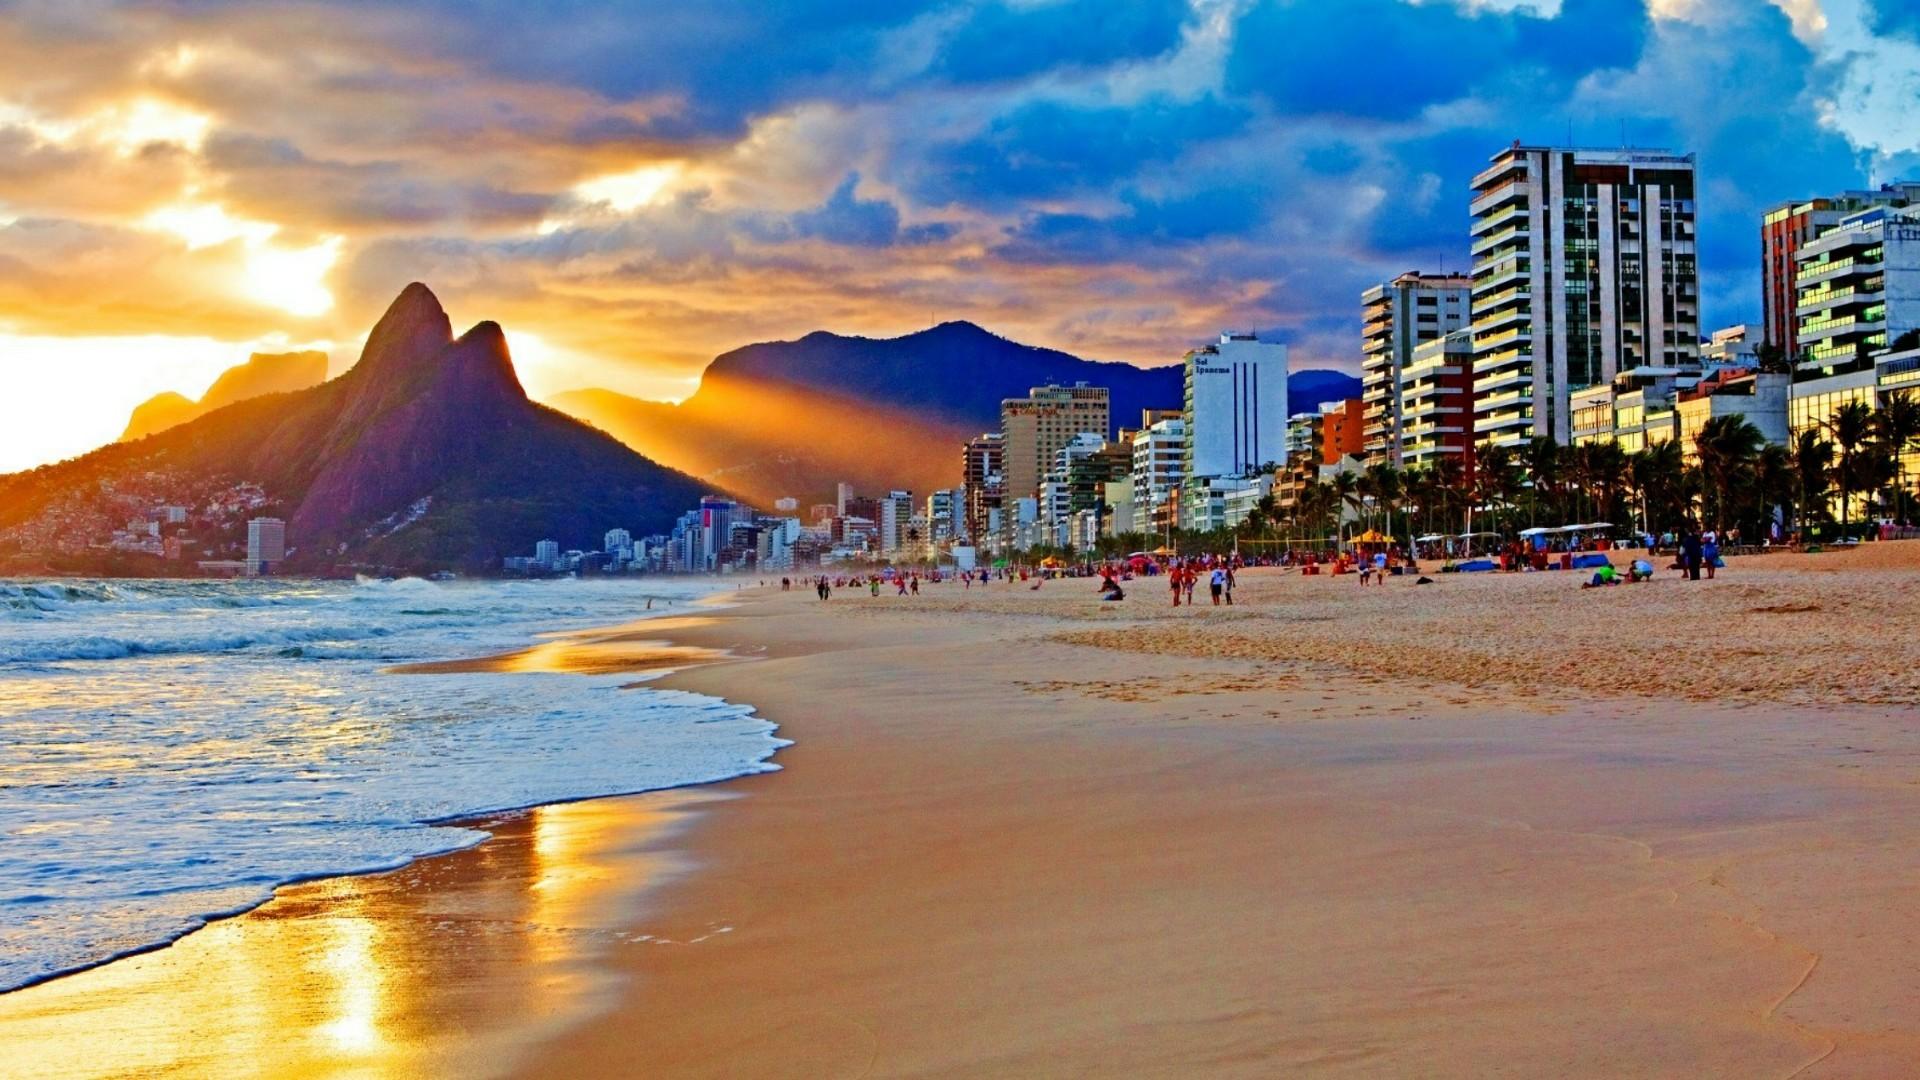 De Janeiro Rio 1080 Hd X Wallpaper 1920